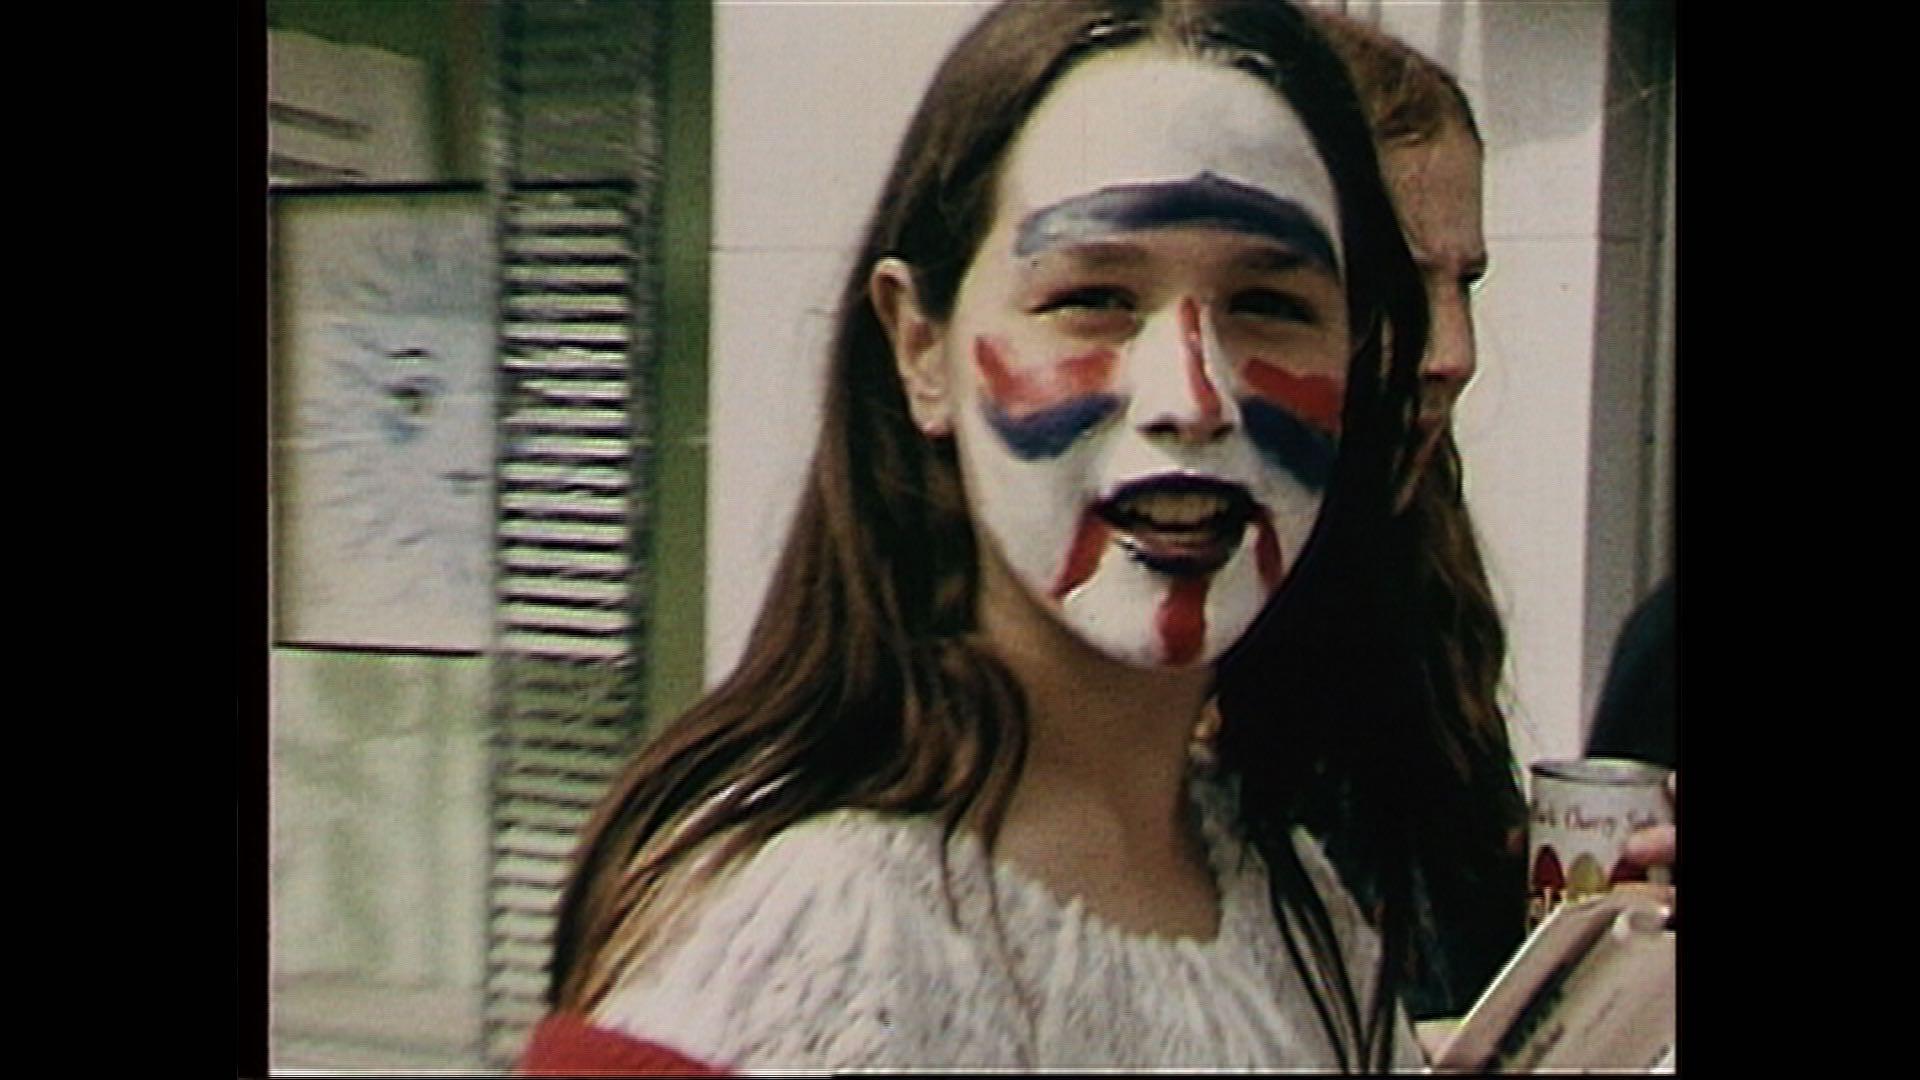 Red Barn - Pam Hertzberg - face paint.jpg